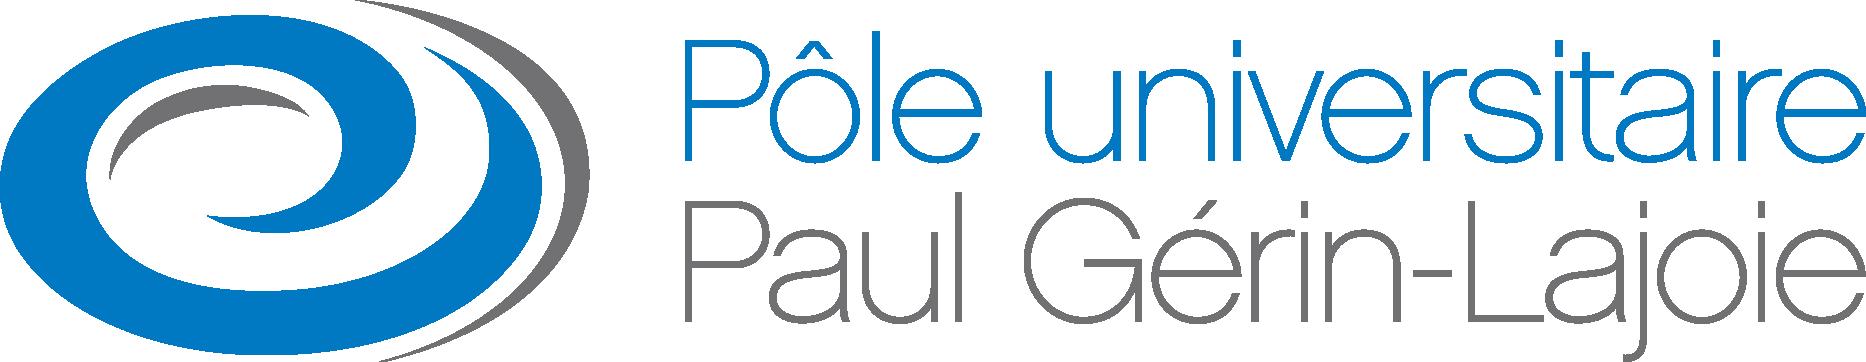 Pôle universitaire Paul Gérin-Lajoie